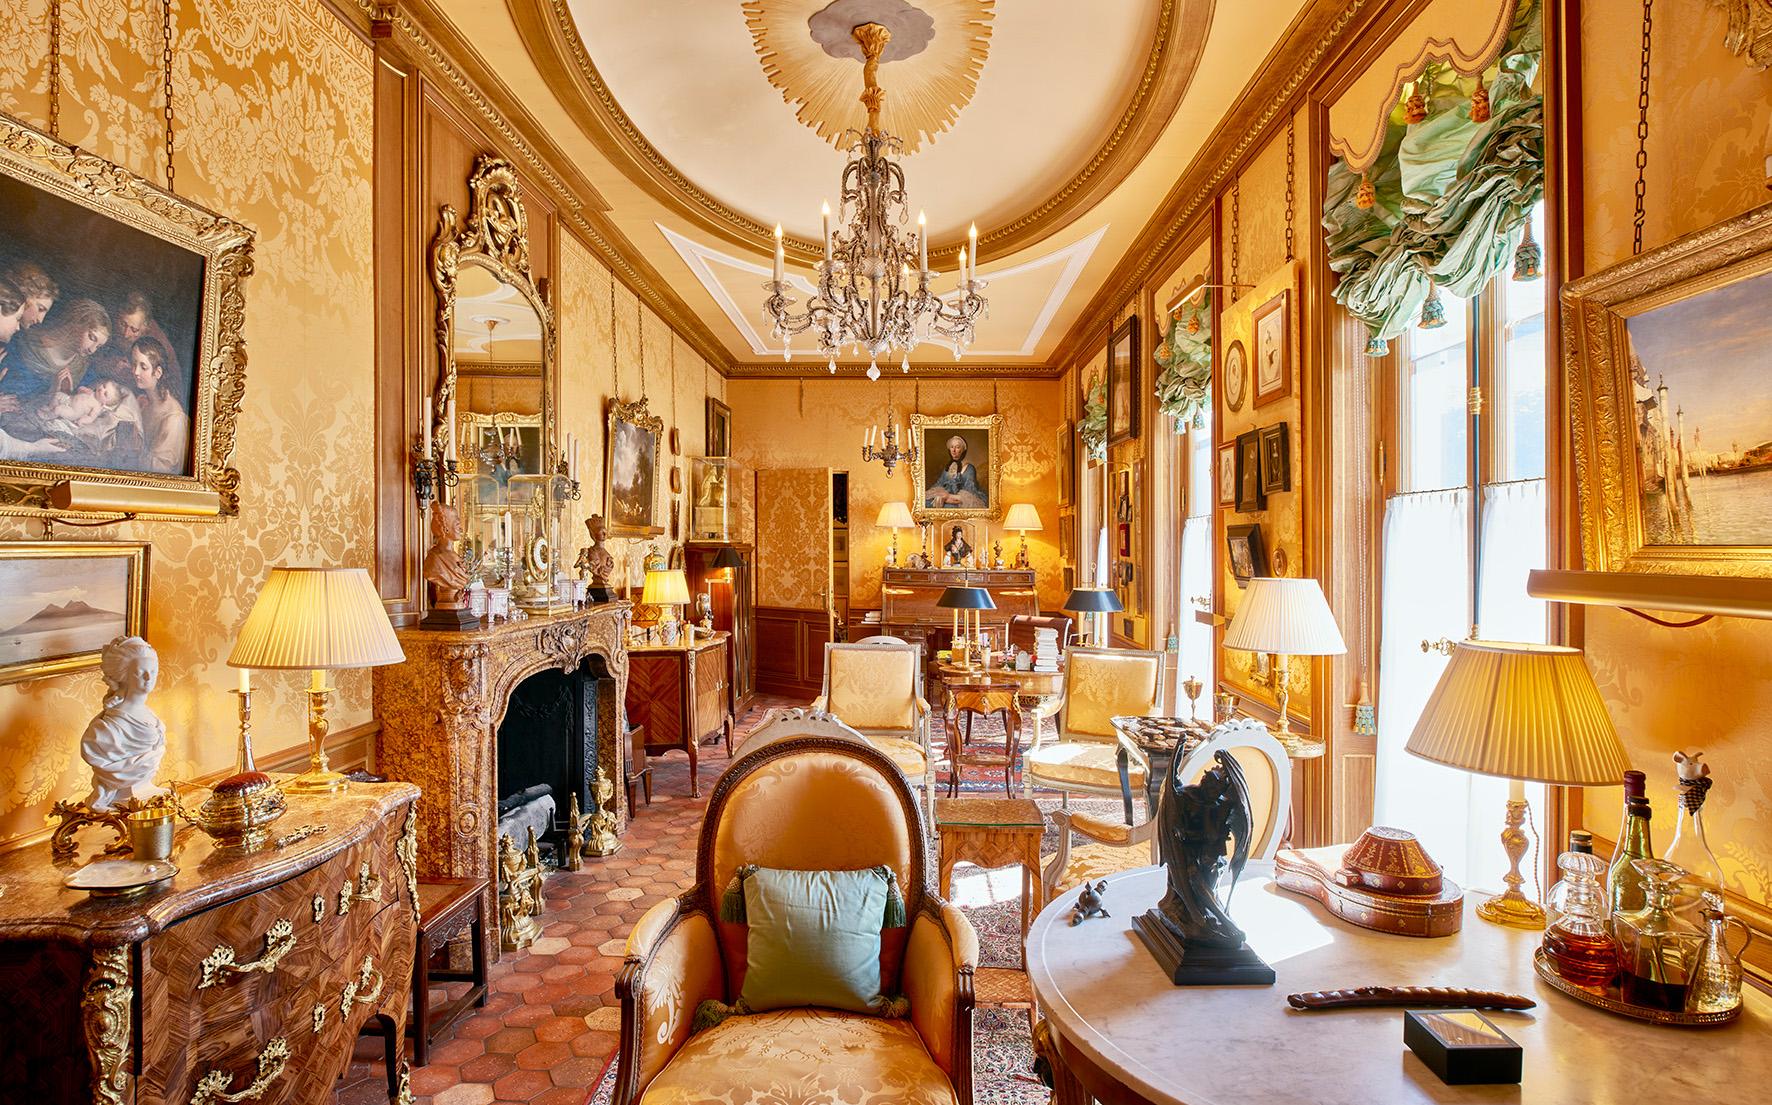 18th Century Grand Salon, Photo: Leo Fabrizio